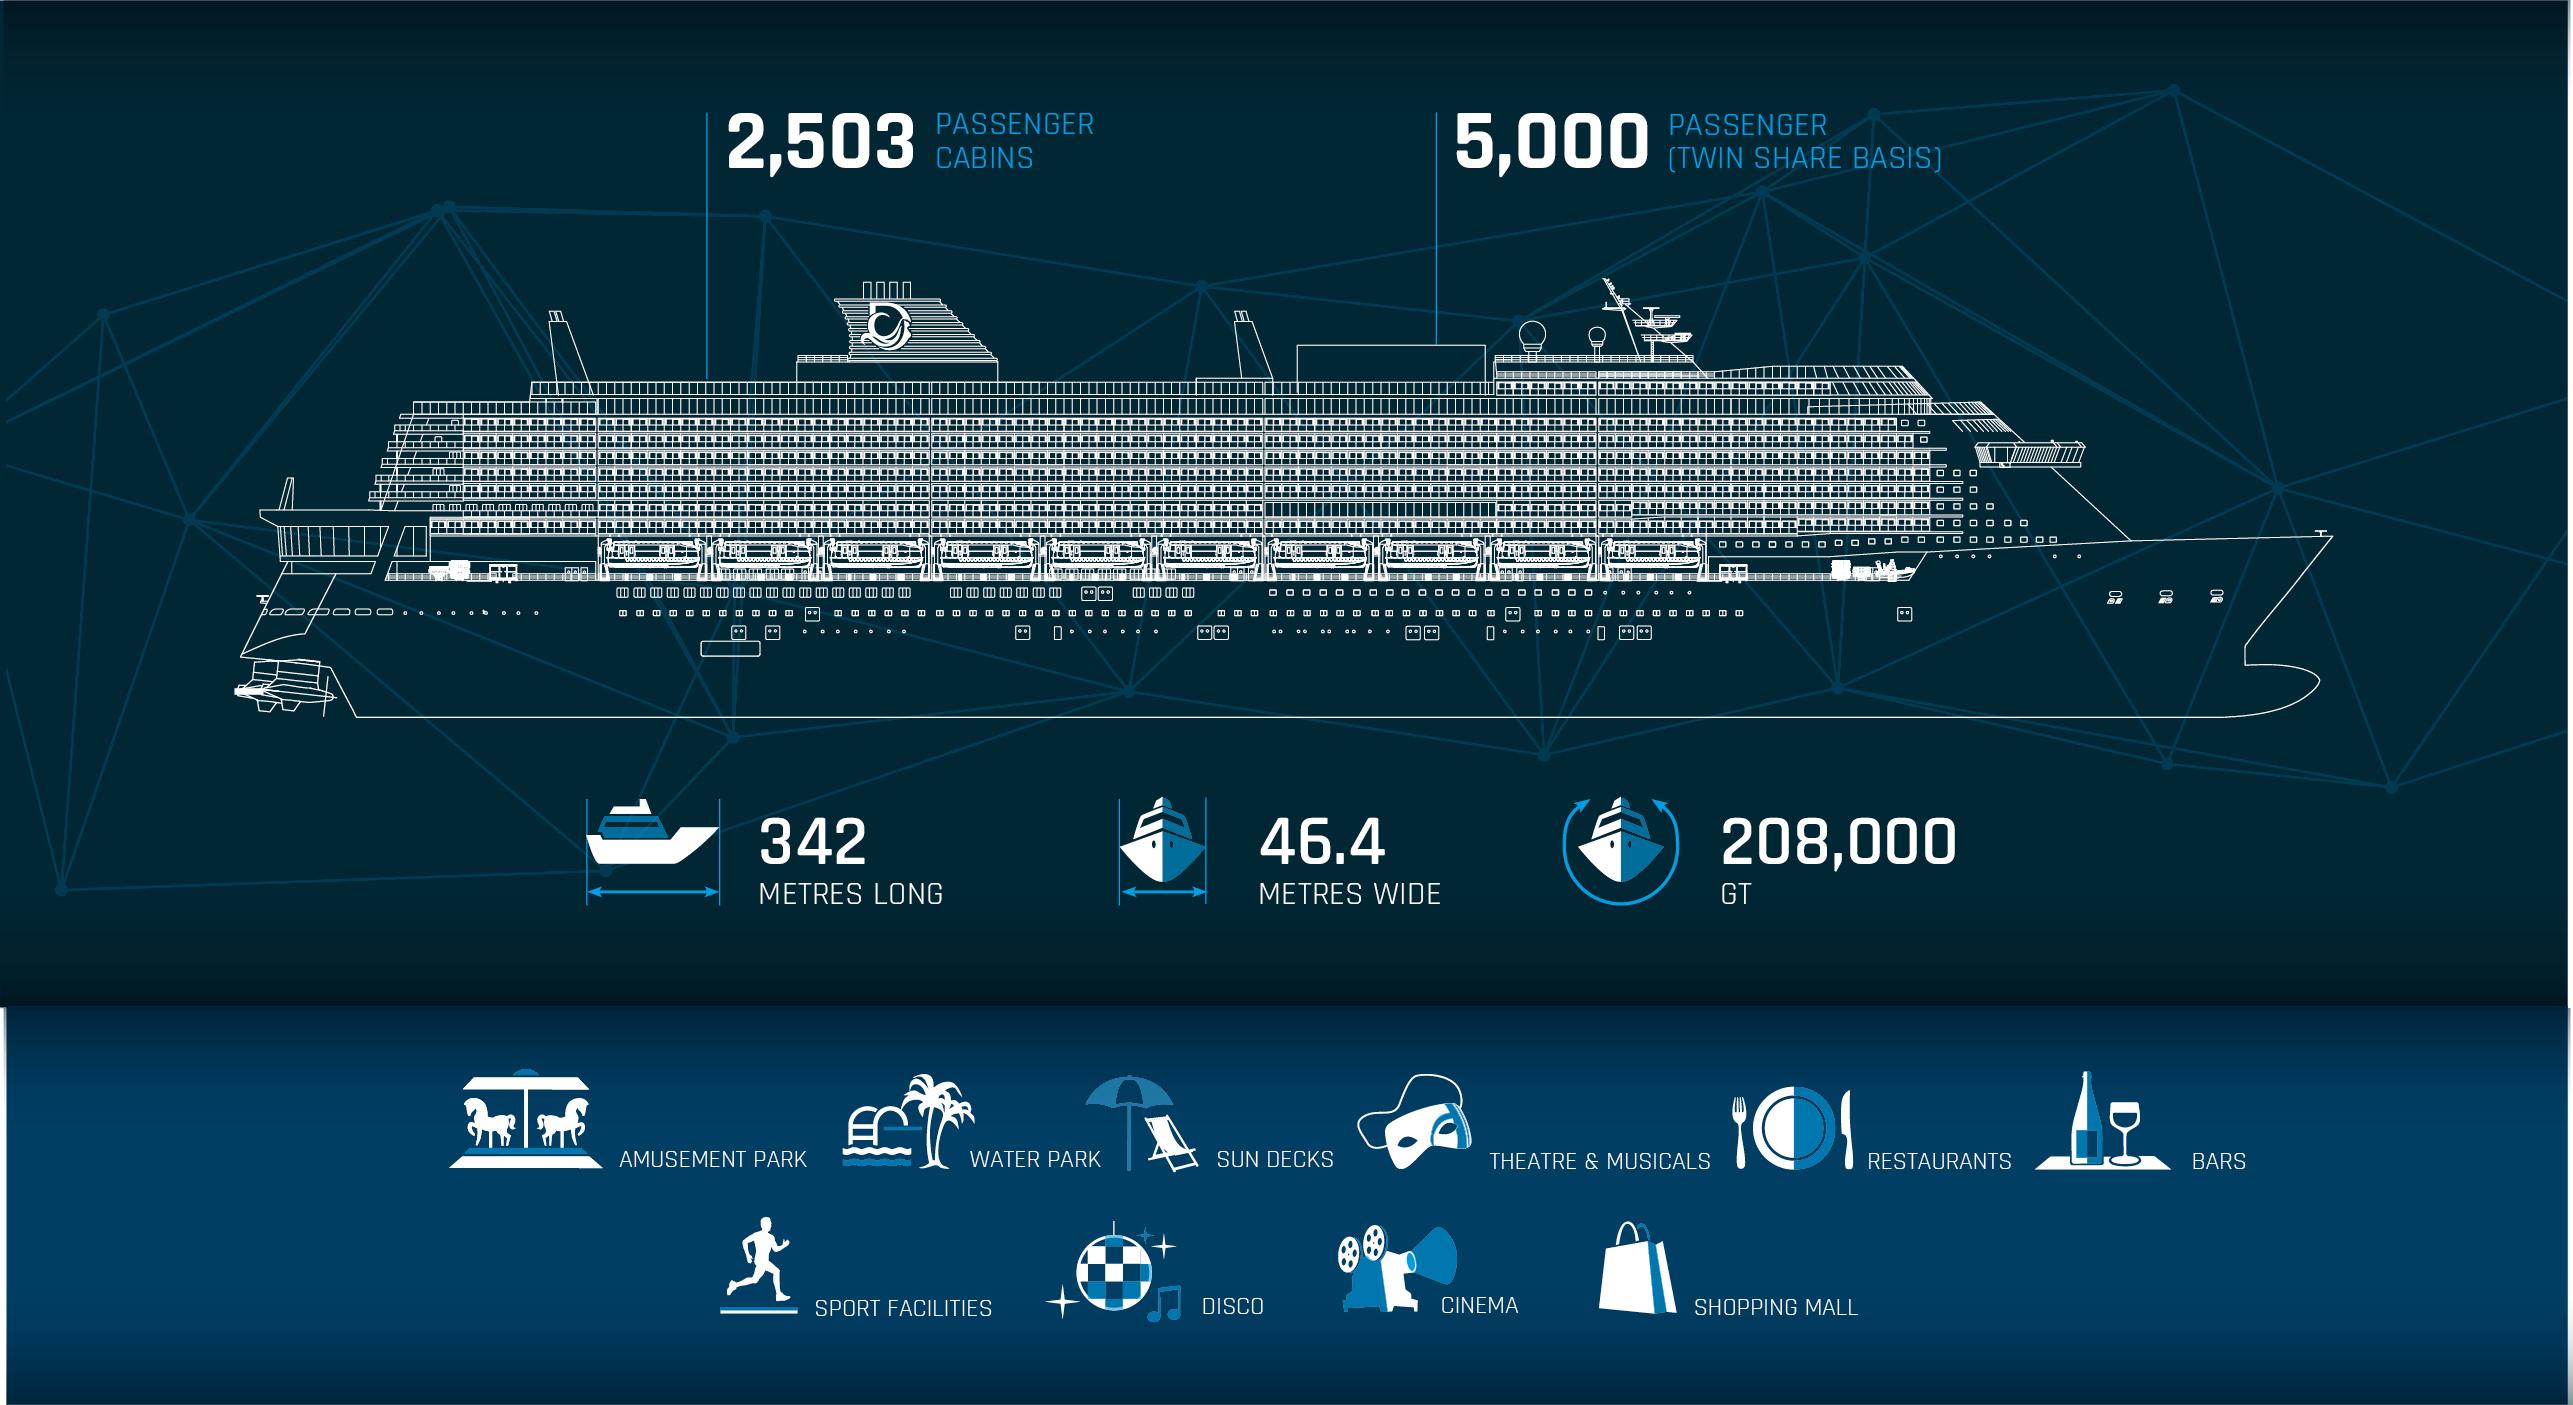 infografik_en_global_2019.jpg